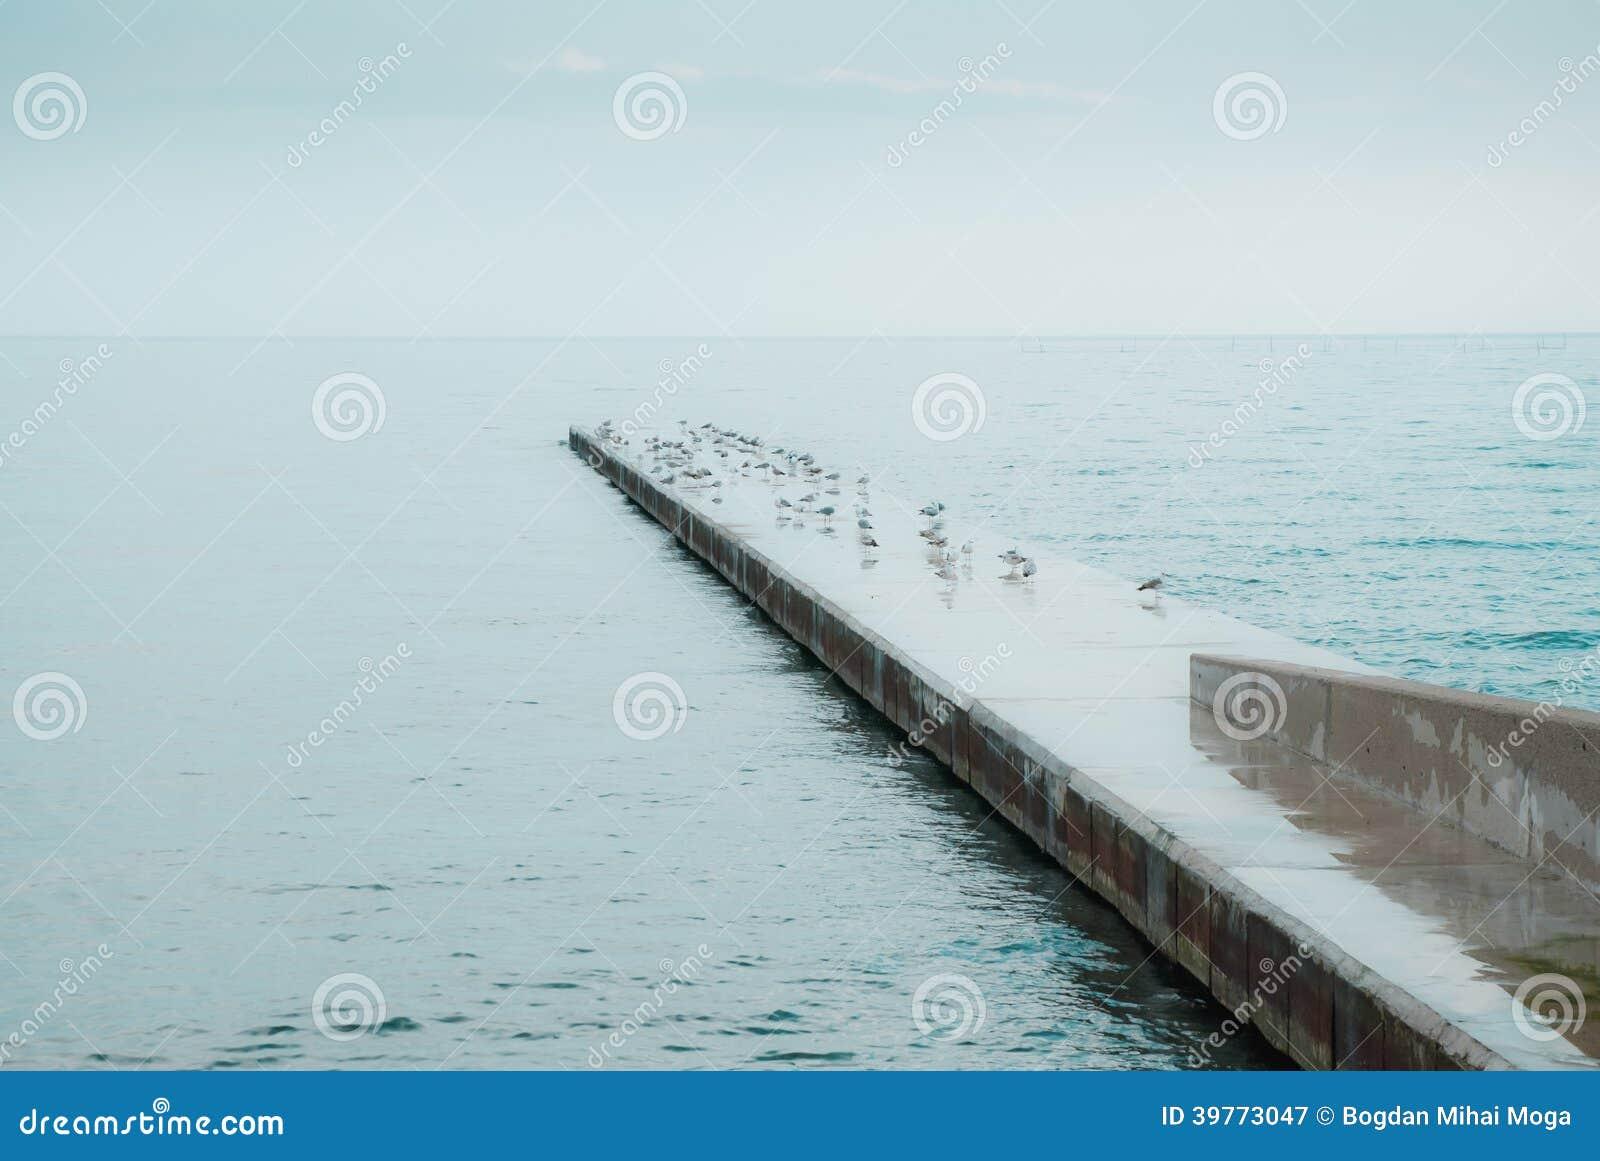 Чайки на конкретном доке на море